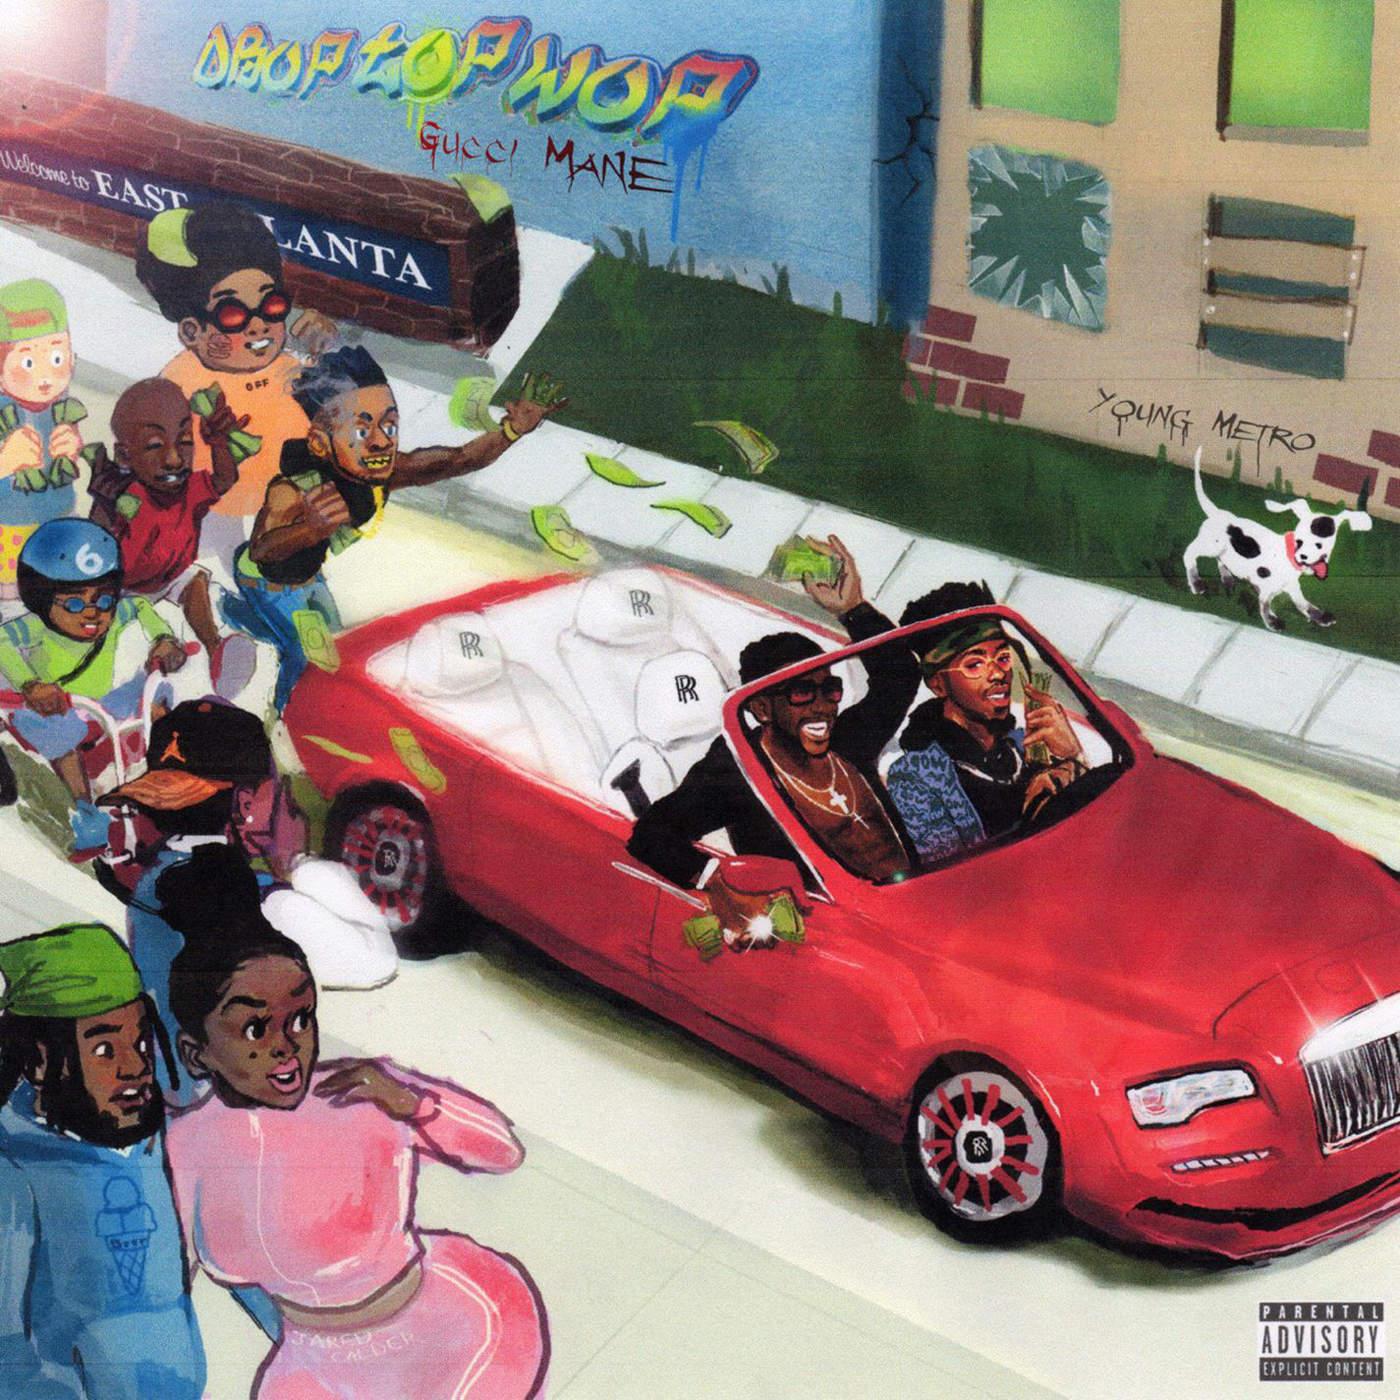 Gucci Mane - Droptopwop Cover